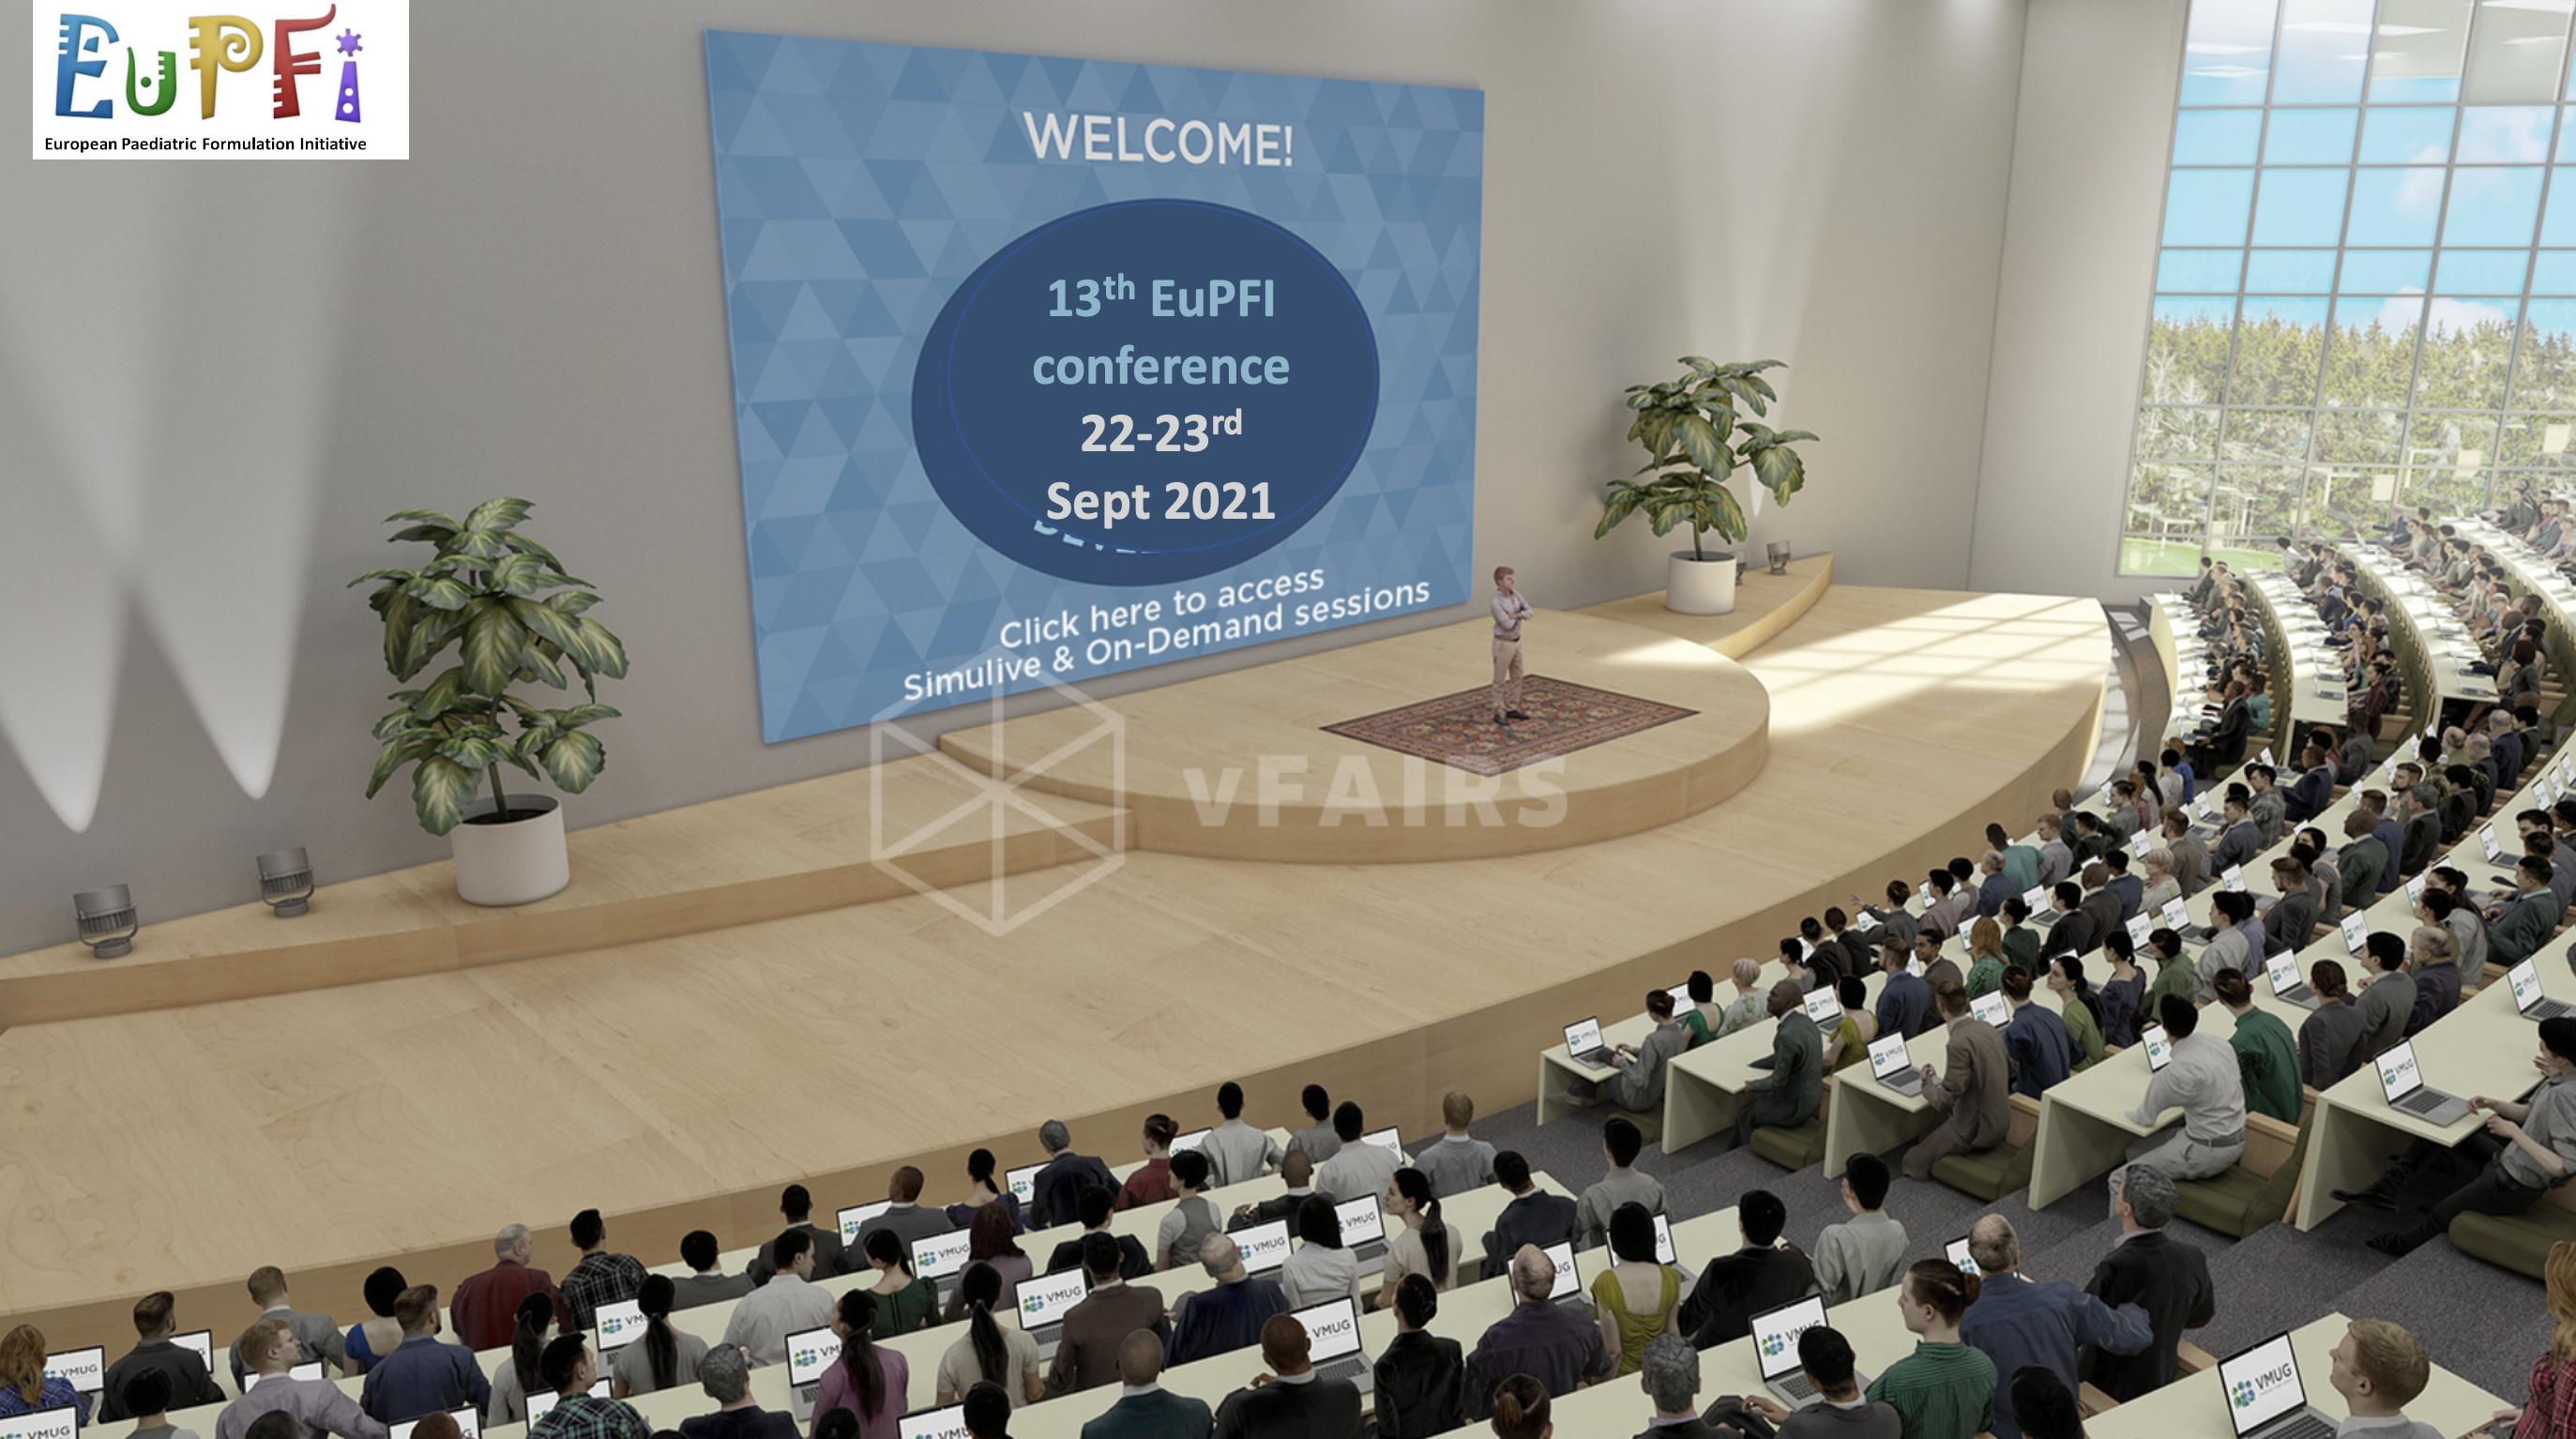 EuPFI 2021 auditorium